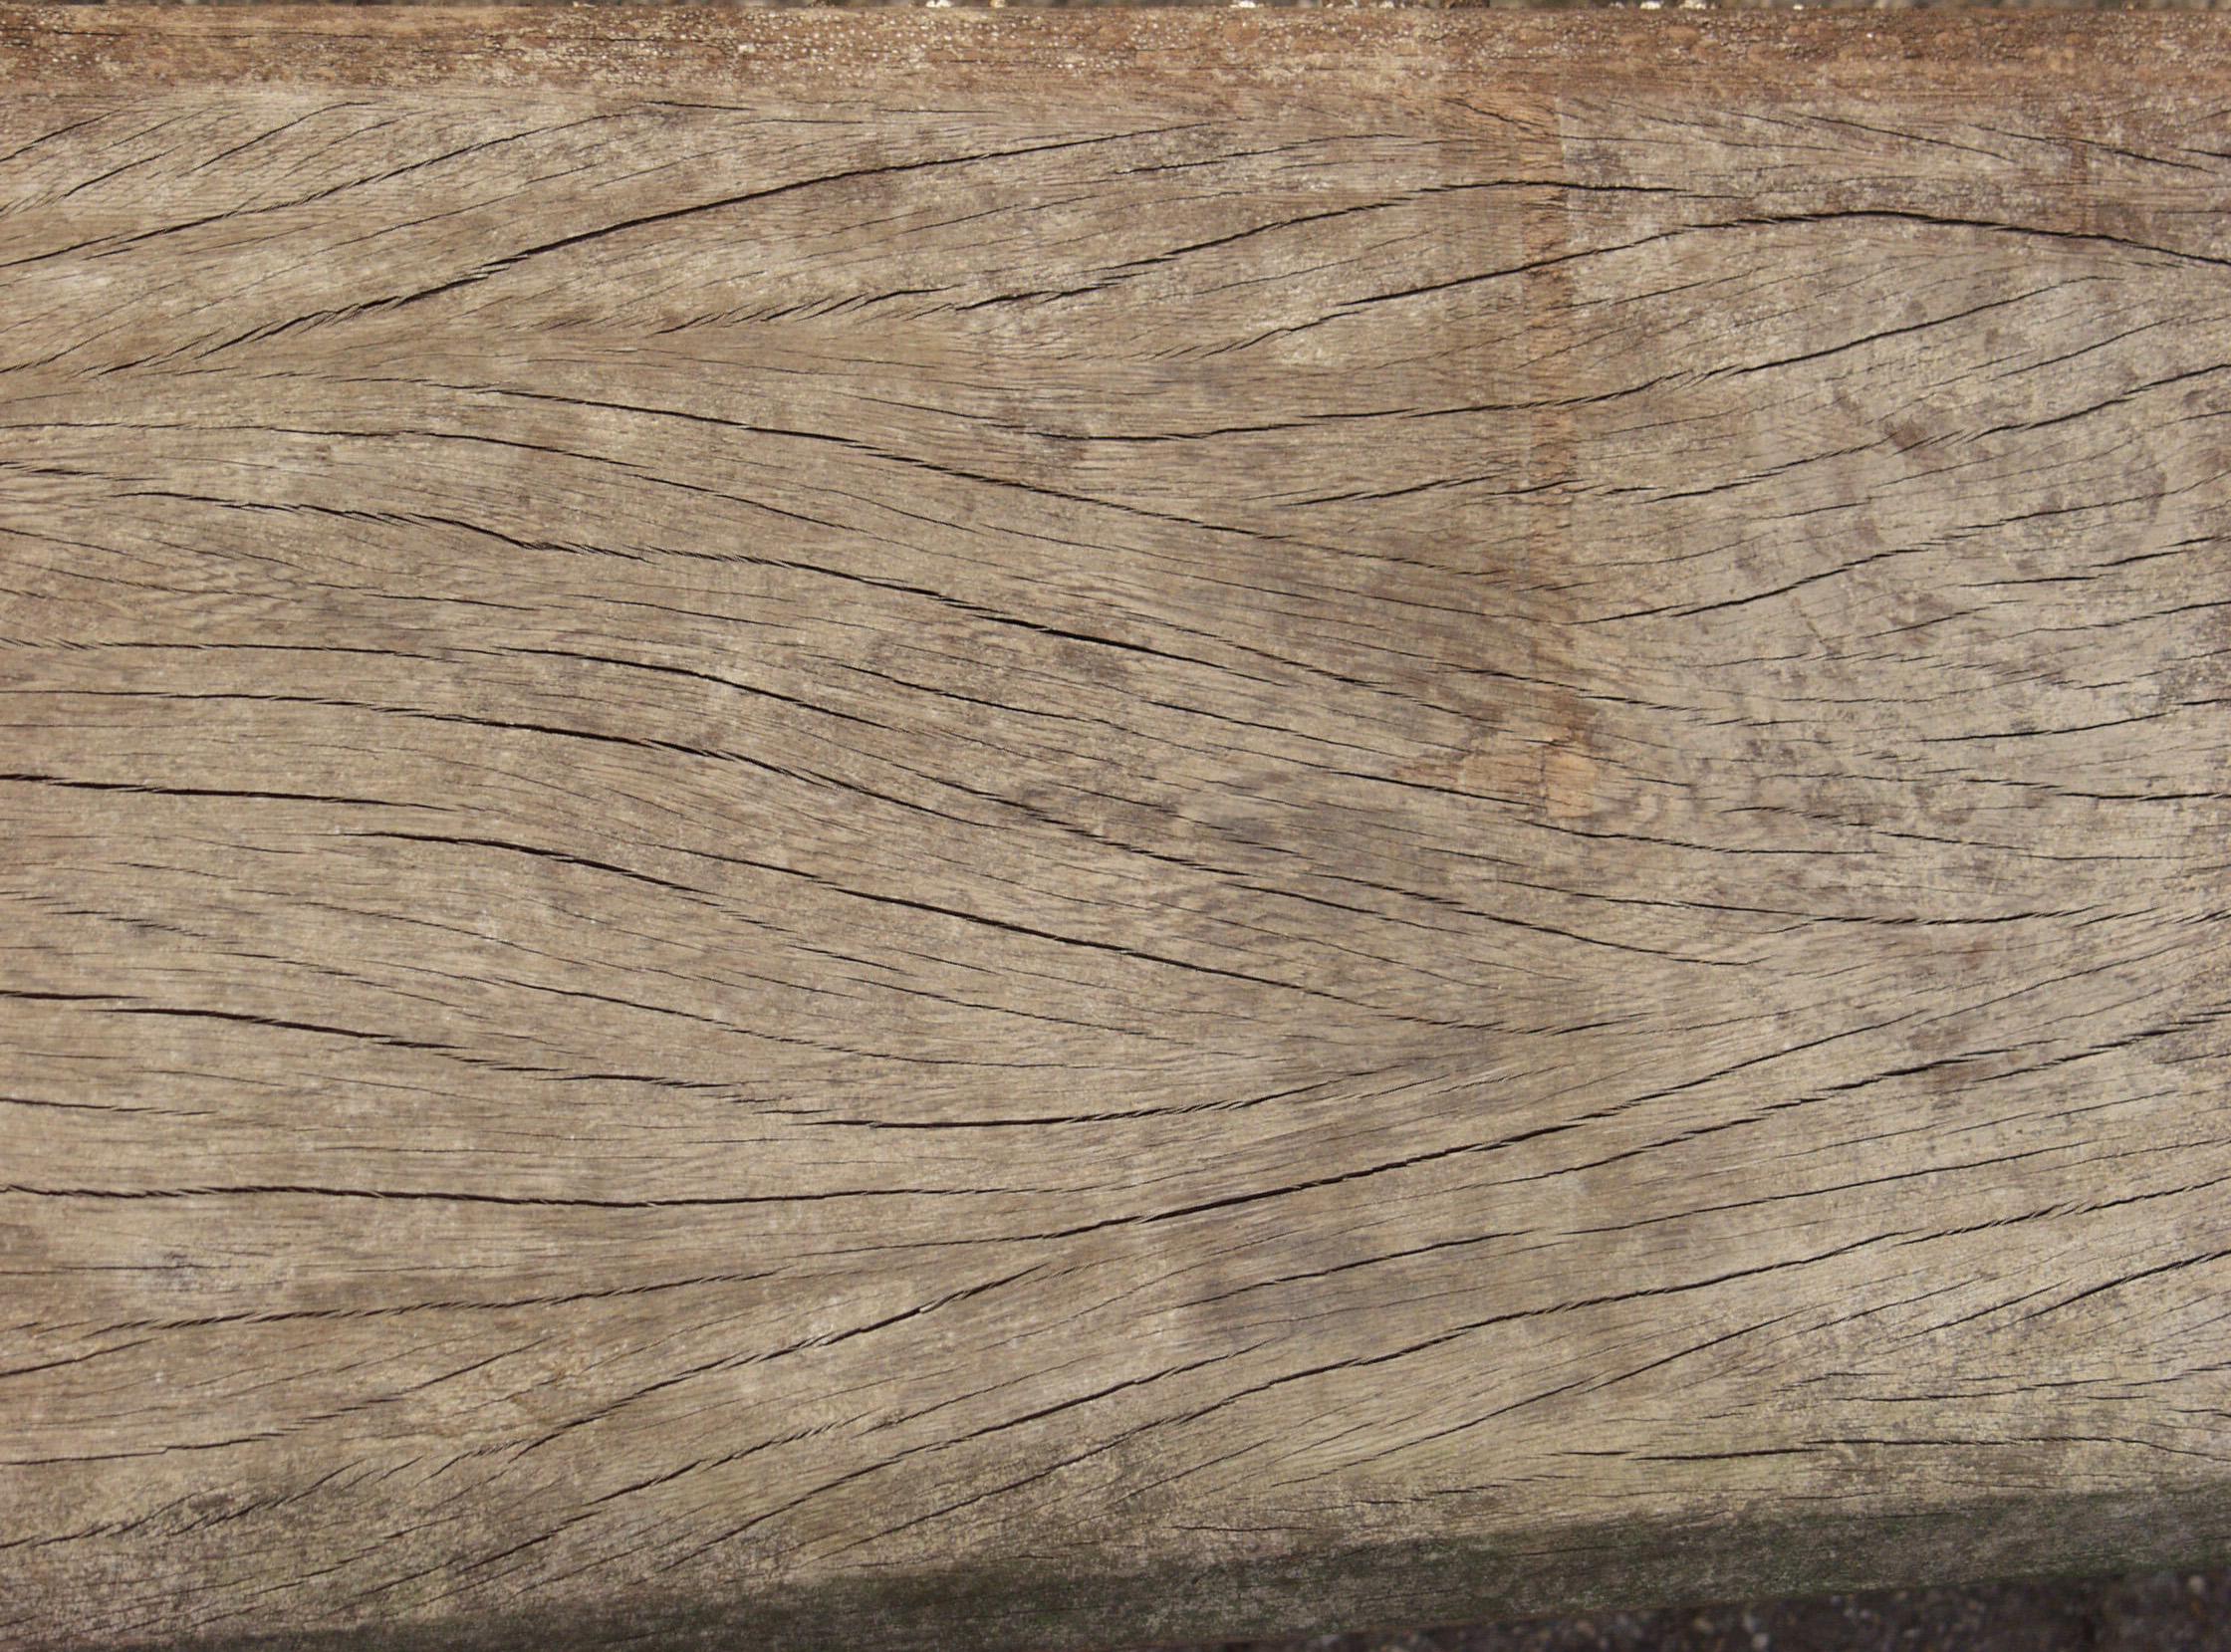 木材-残旧木(84)高清贴图【ID:736549871】